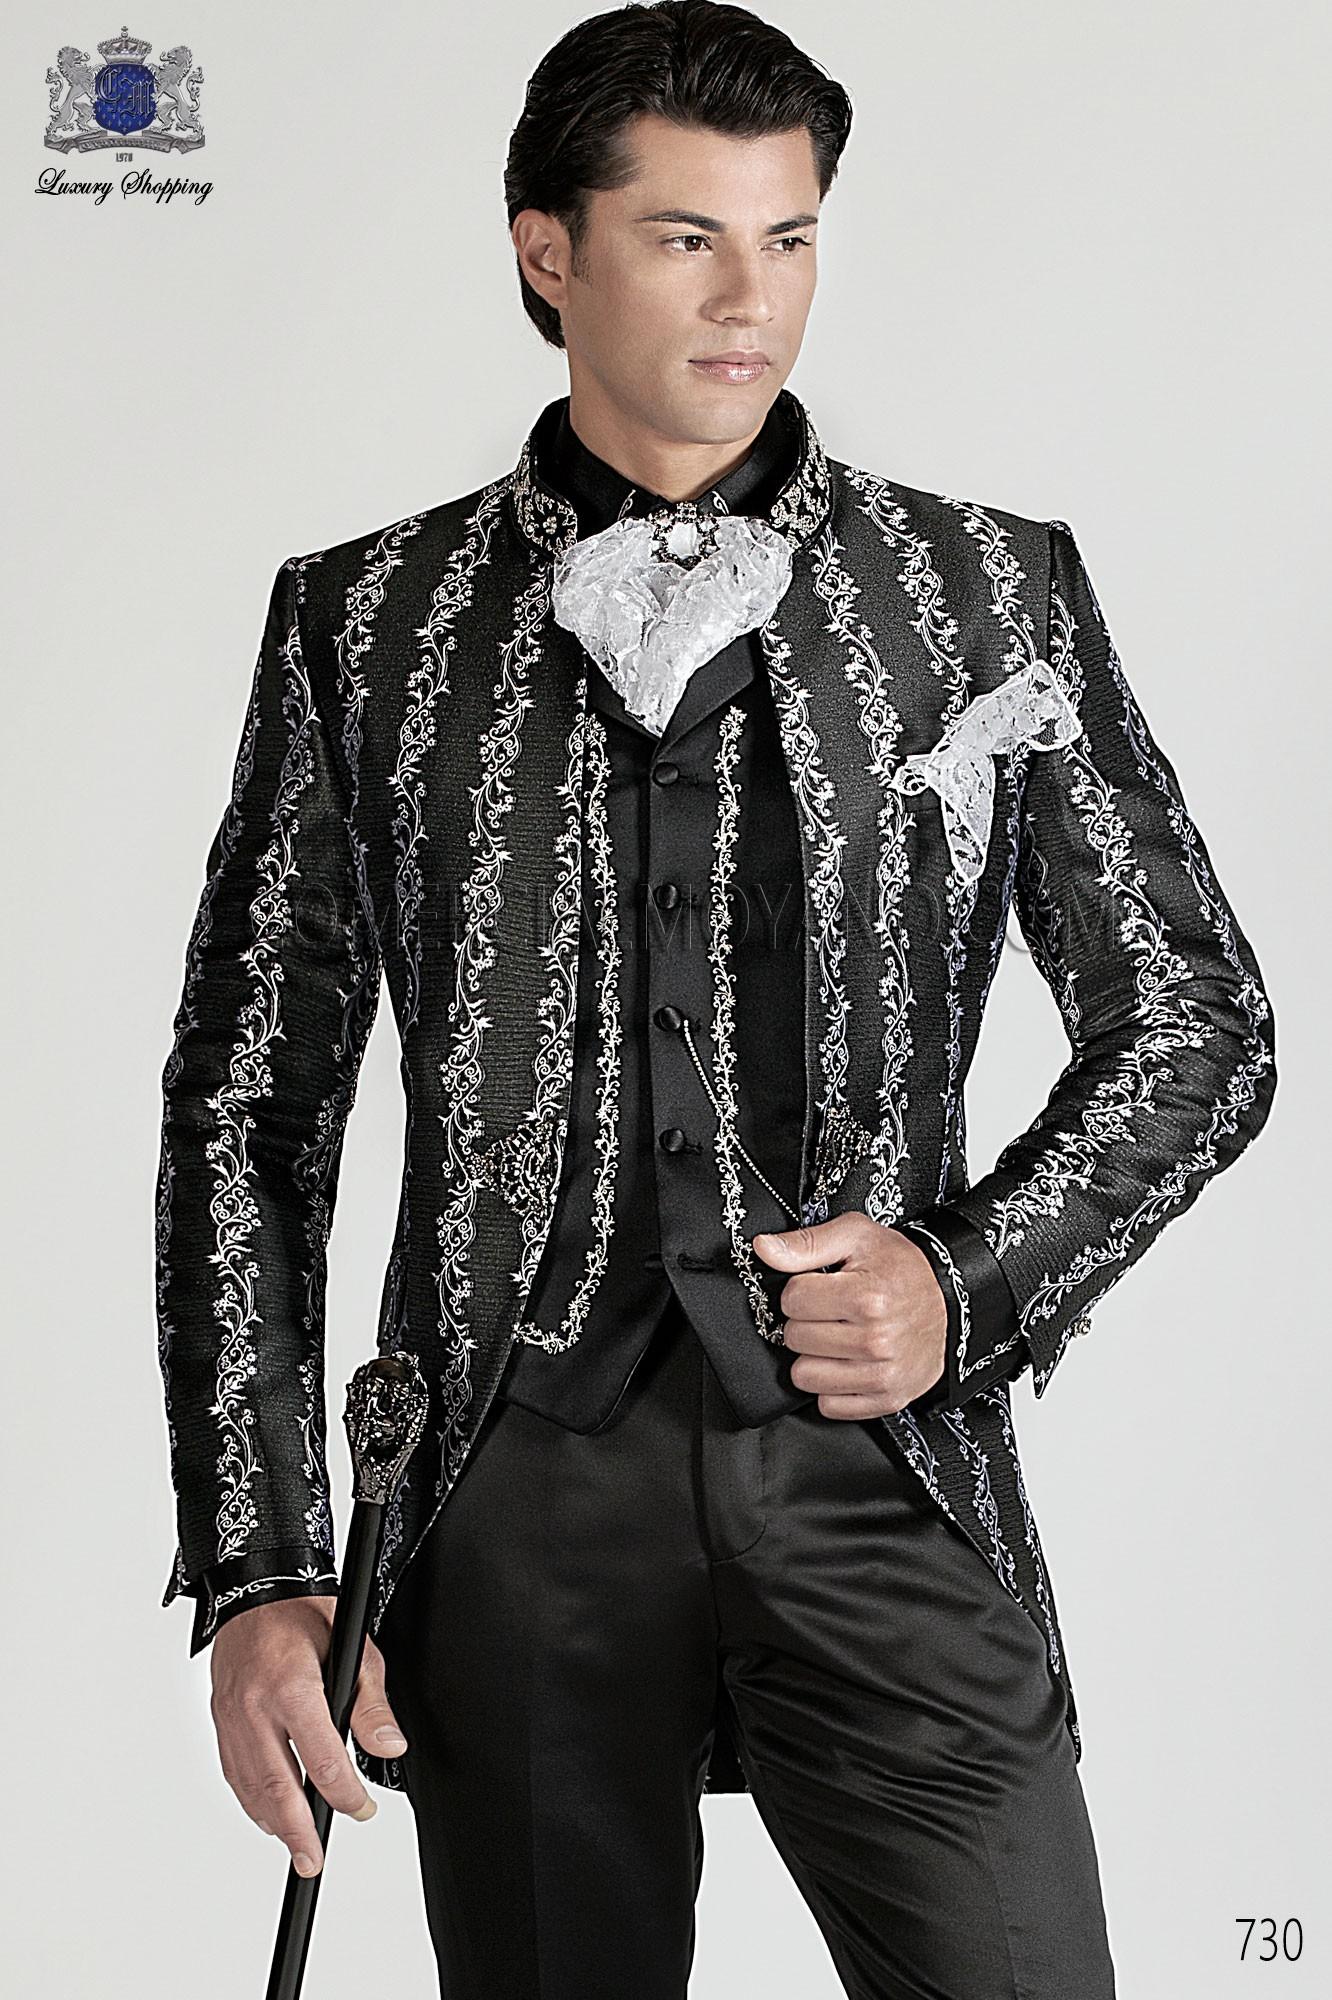 Traje de novio barroco negro y plata modelo: 730 Ottavio Nuccio Gala colección 2017 Barroco